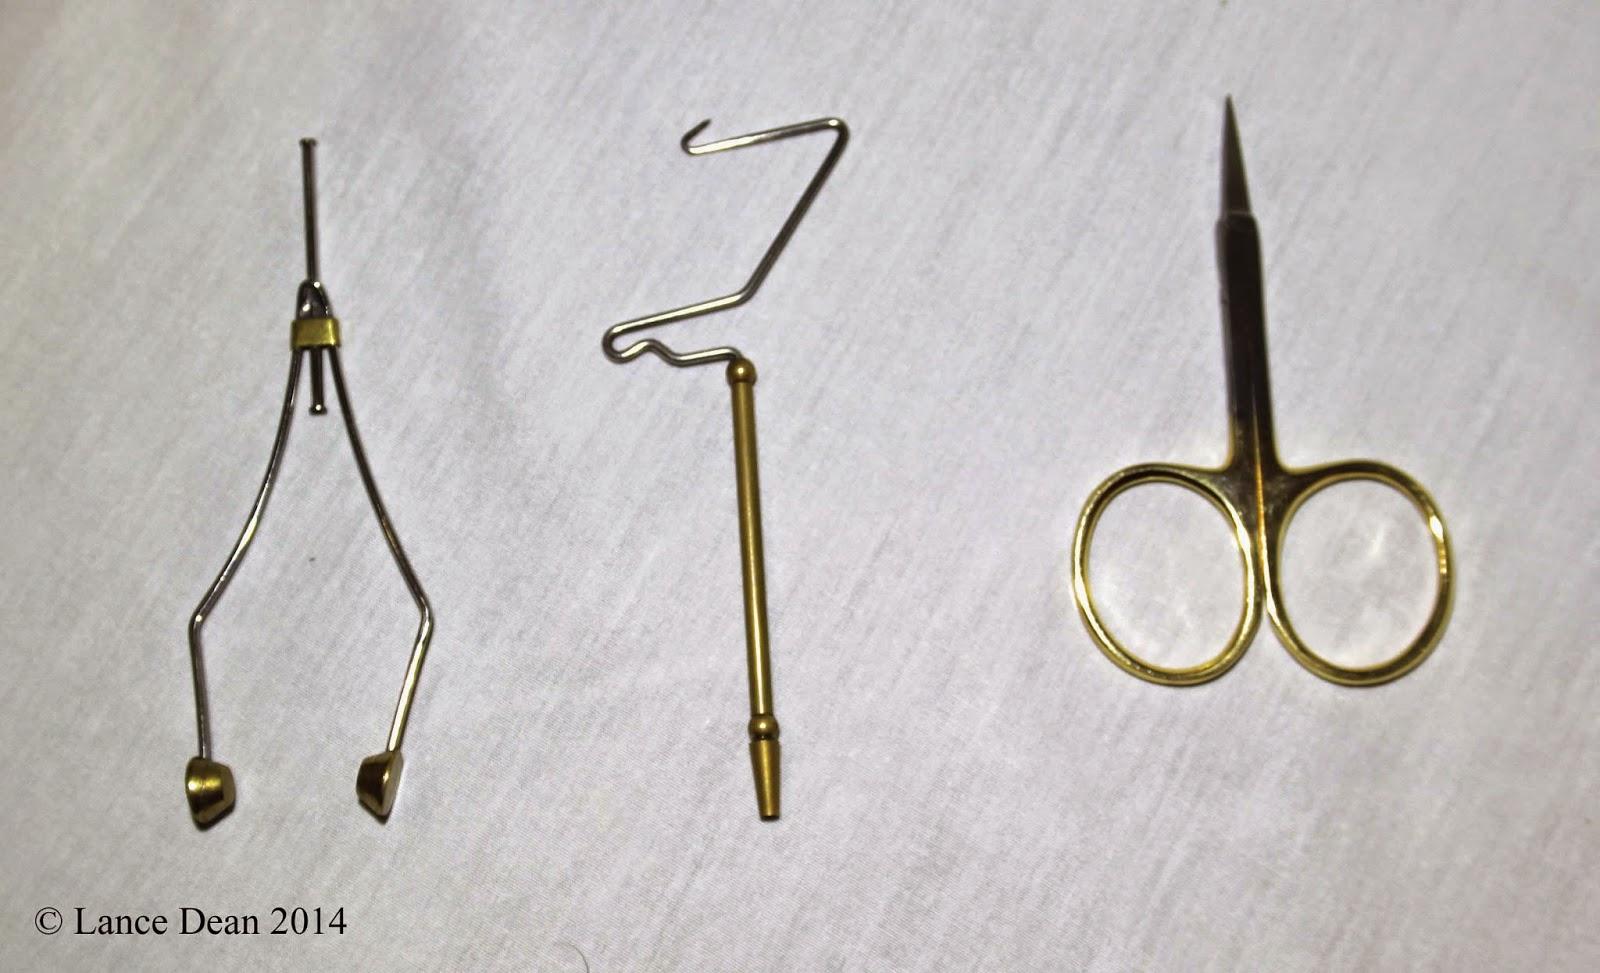 Bobbin, Whipfinisher, Scissors